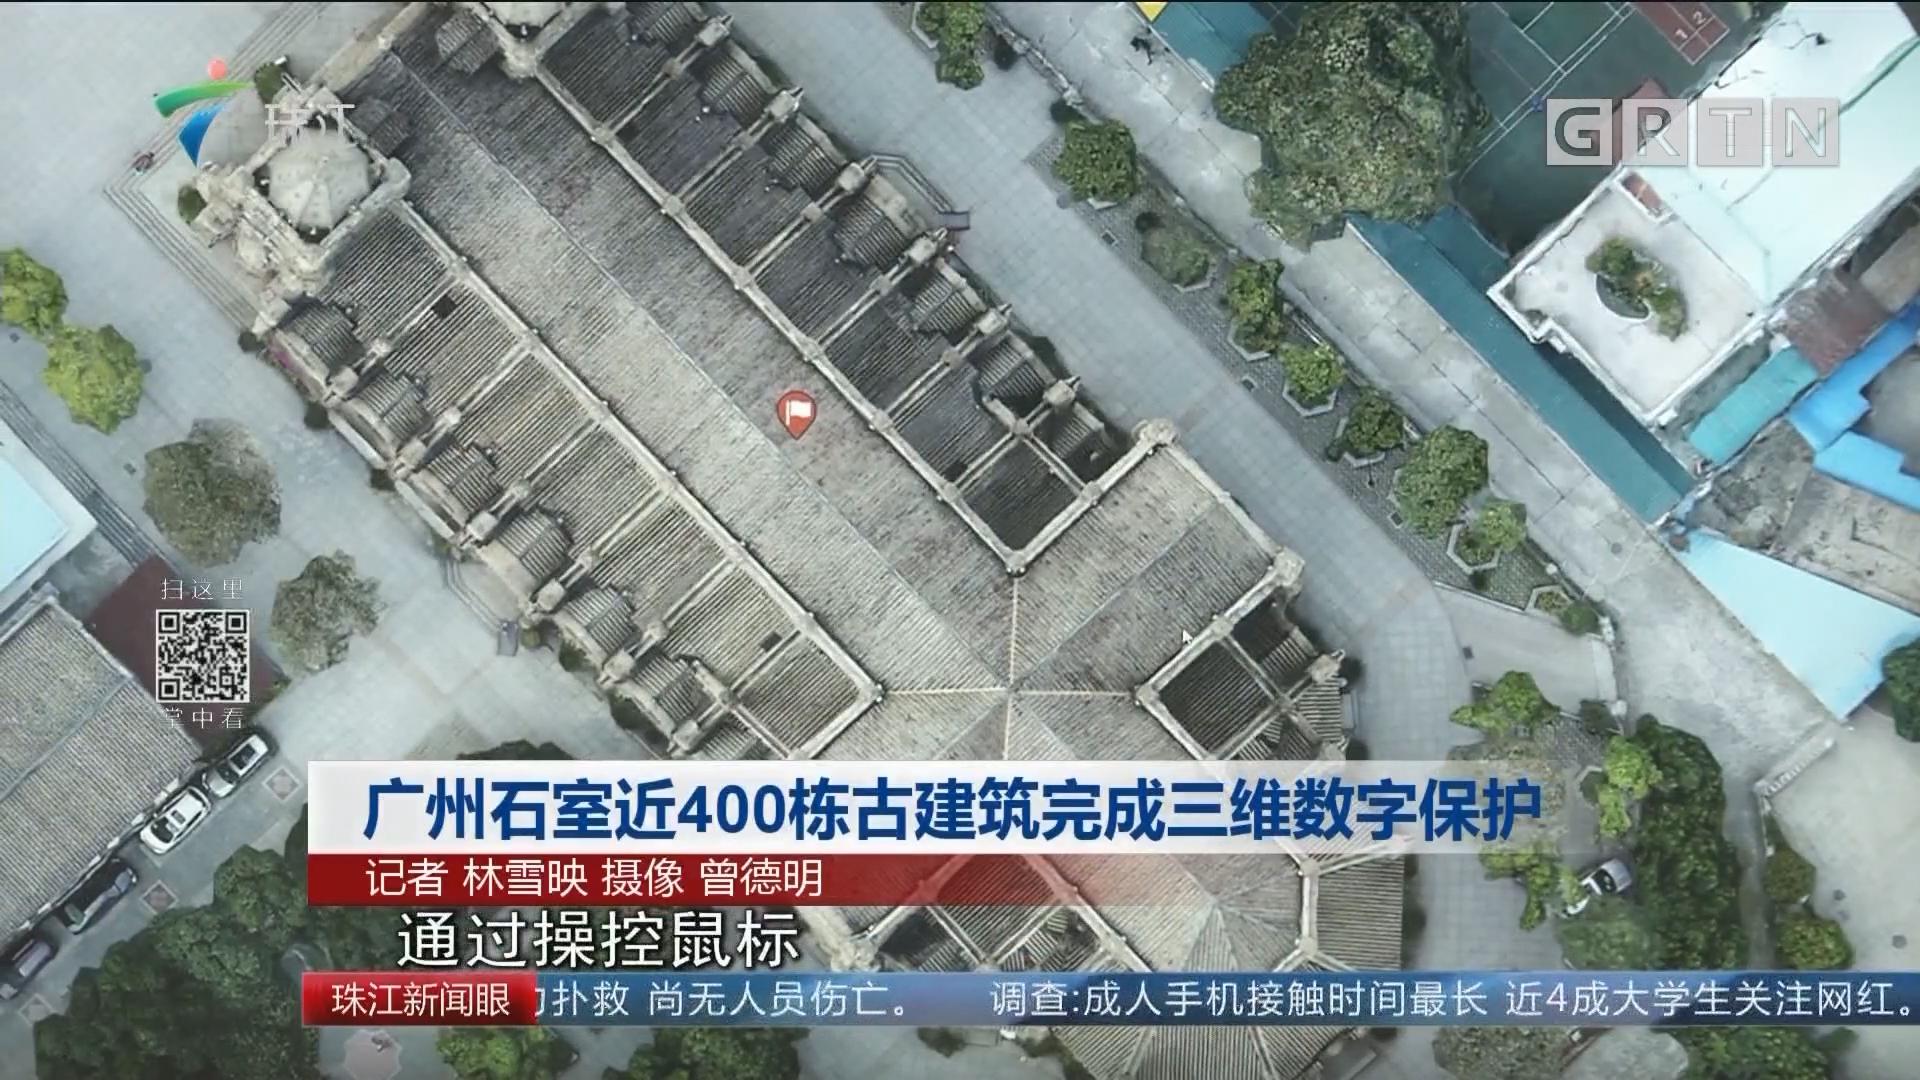 广州石室近400栋古建筑完成三维数字保护